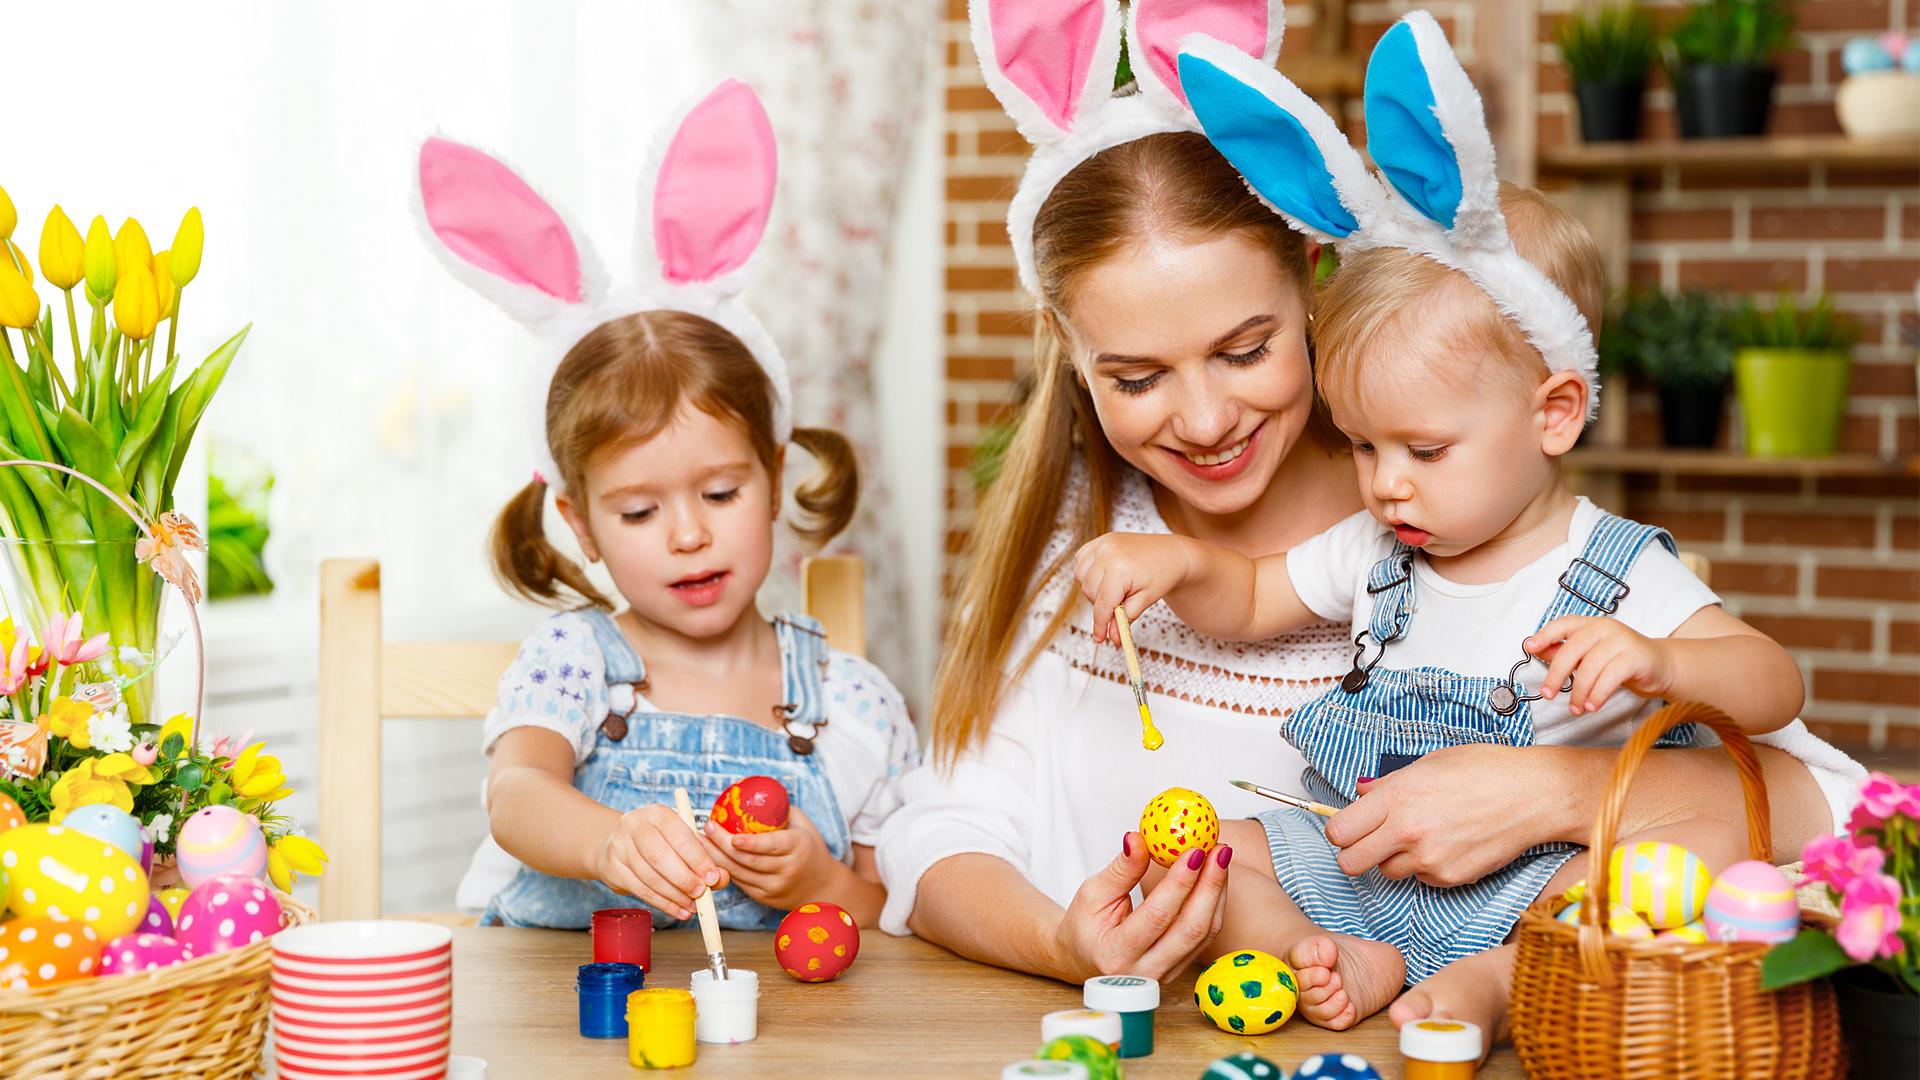 Húsvéti ajándékok, amelyeknek minden gyerkőc örül!